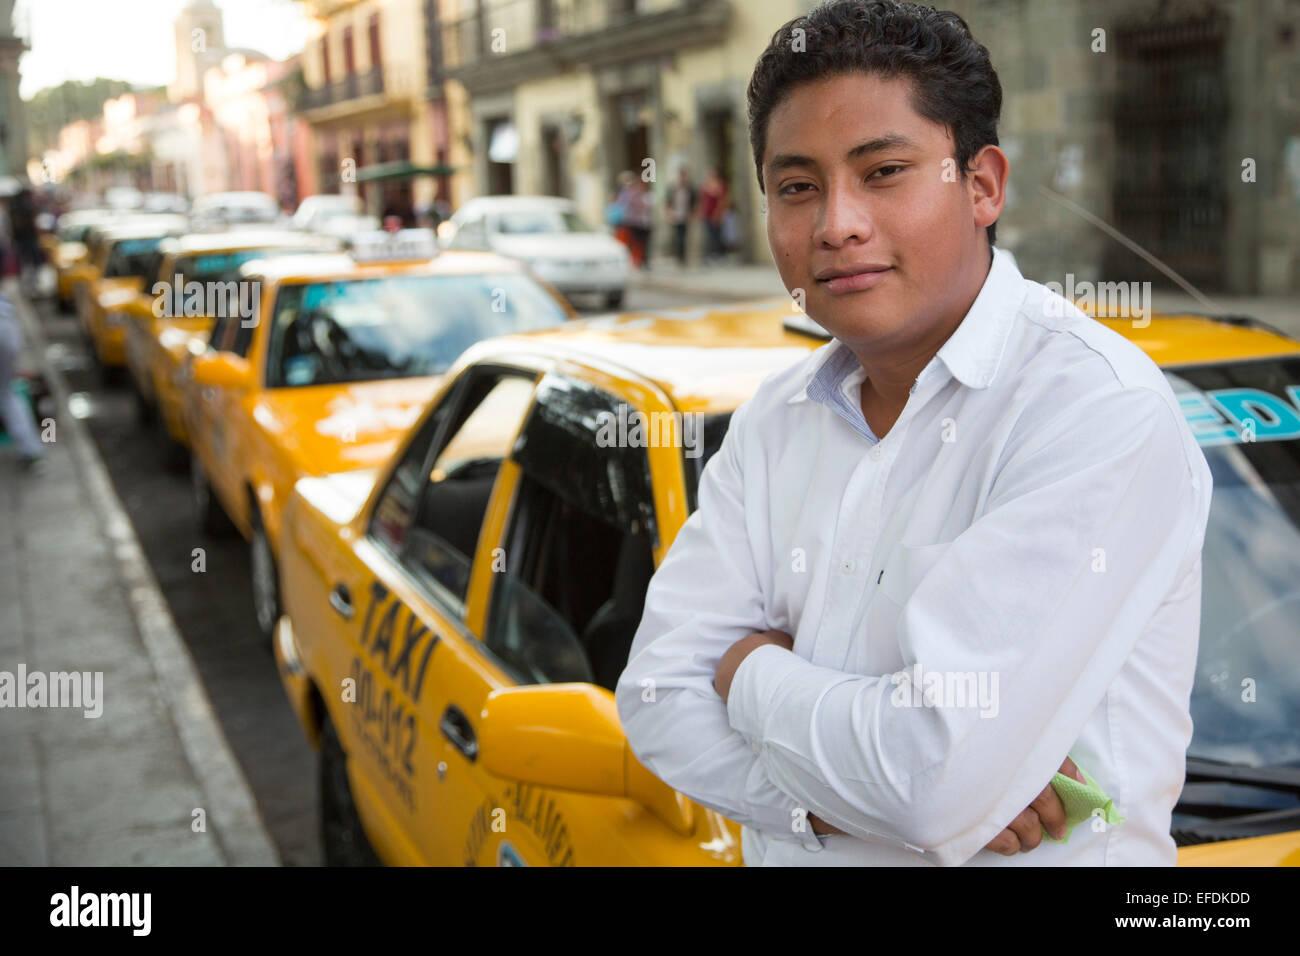 Oaxaca, México - un taxista espera a tarifas. Imagen De Stock